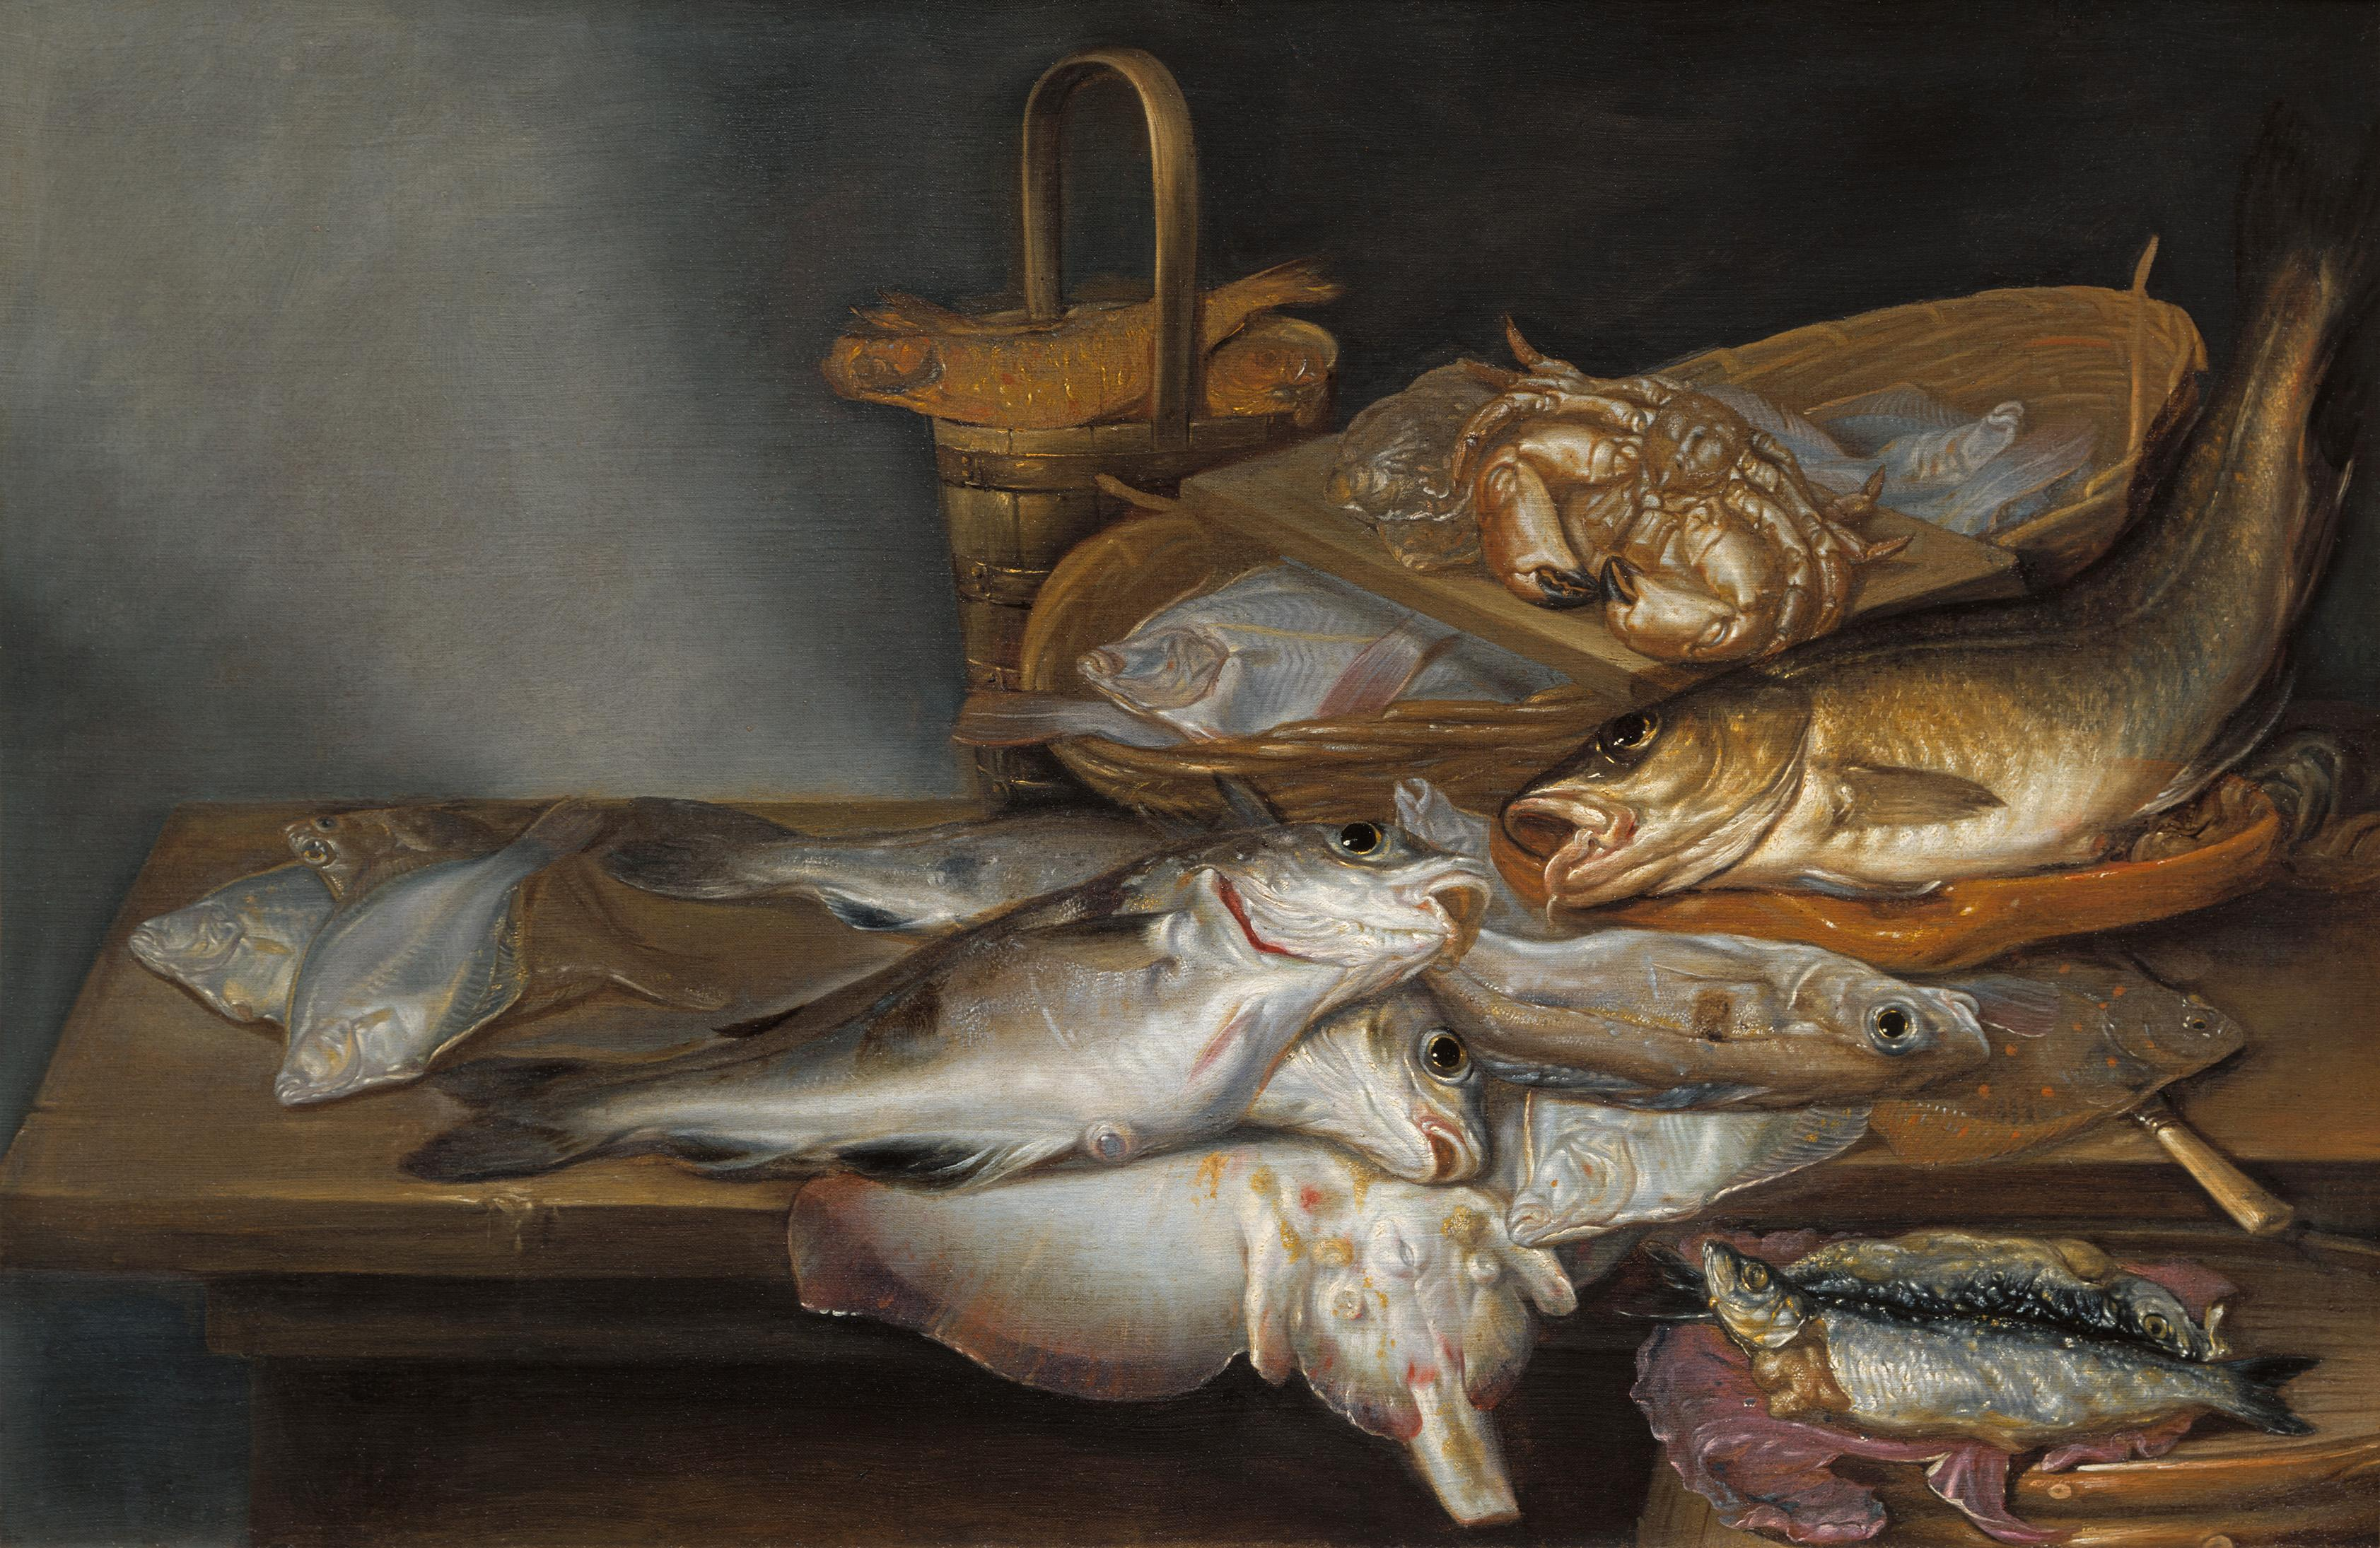 Vis was de hoofdmoot bij Pieter van Schaeyenborgh: expositie van de zeventiende-eeuwse meester uit Alkmaar in Stedelijk Museum